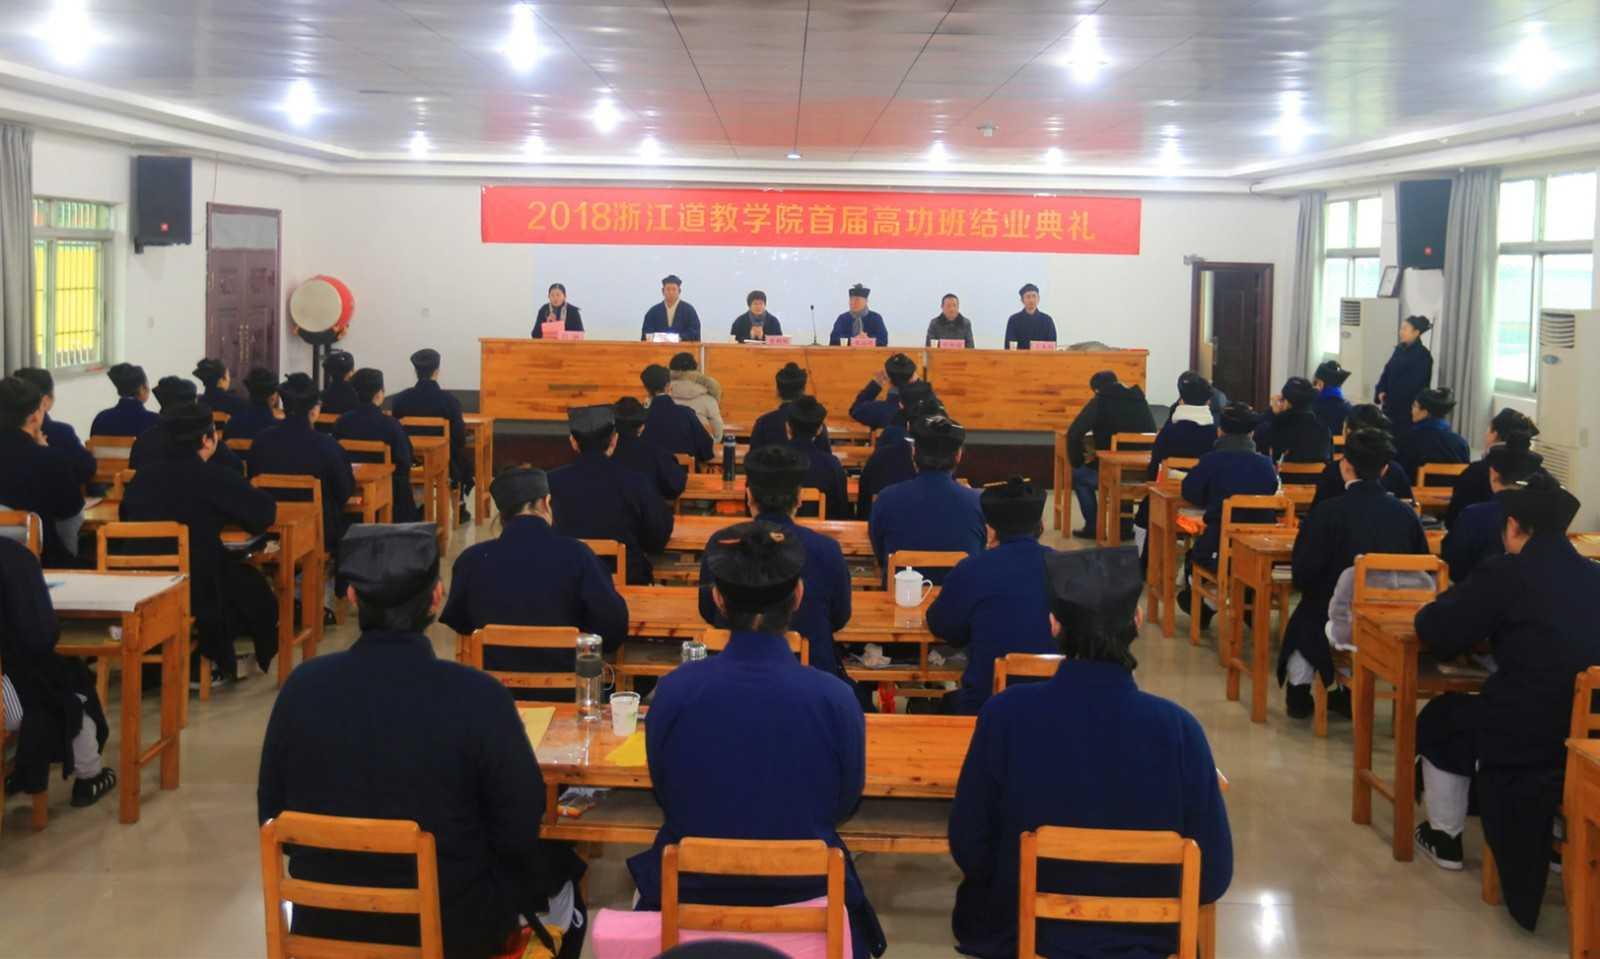 浙江道学院首届高功班在义乌城隍庙圆满结业(图)